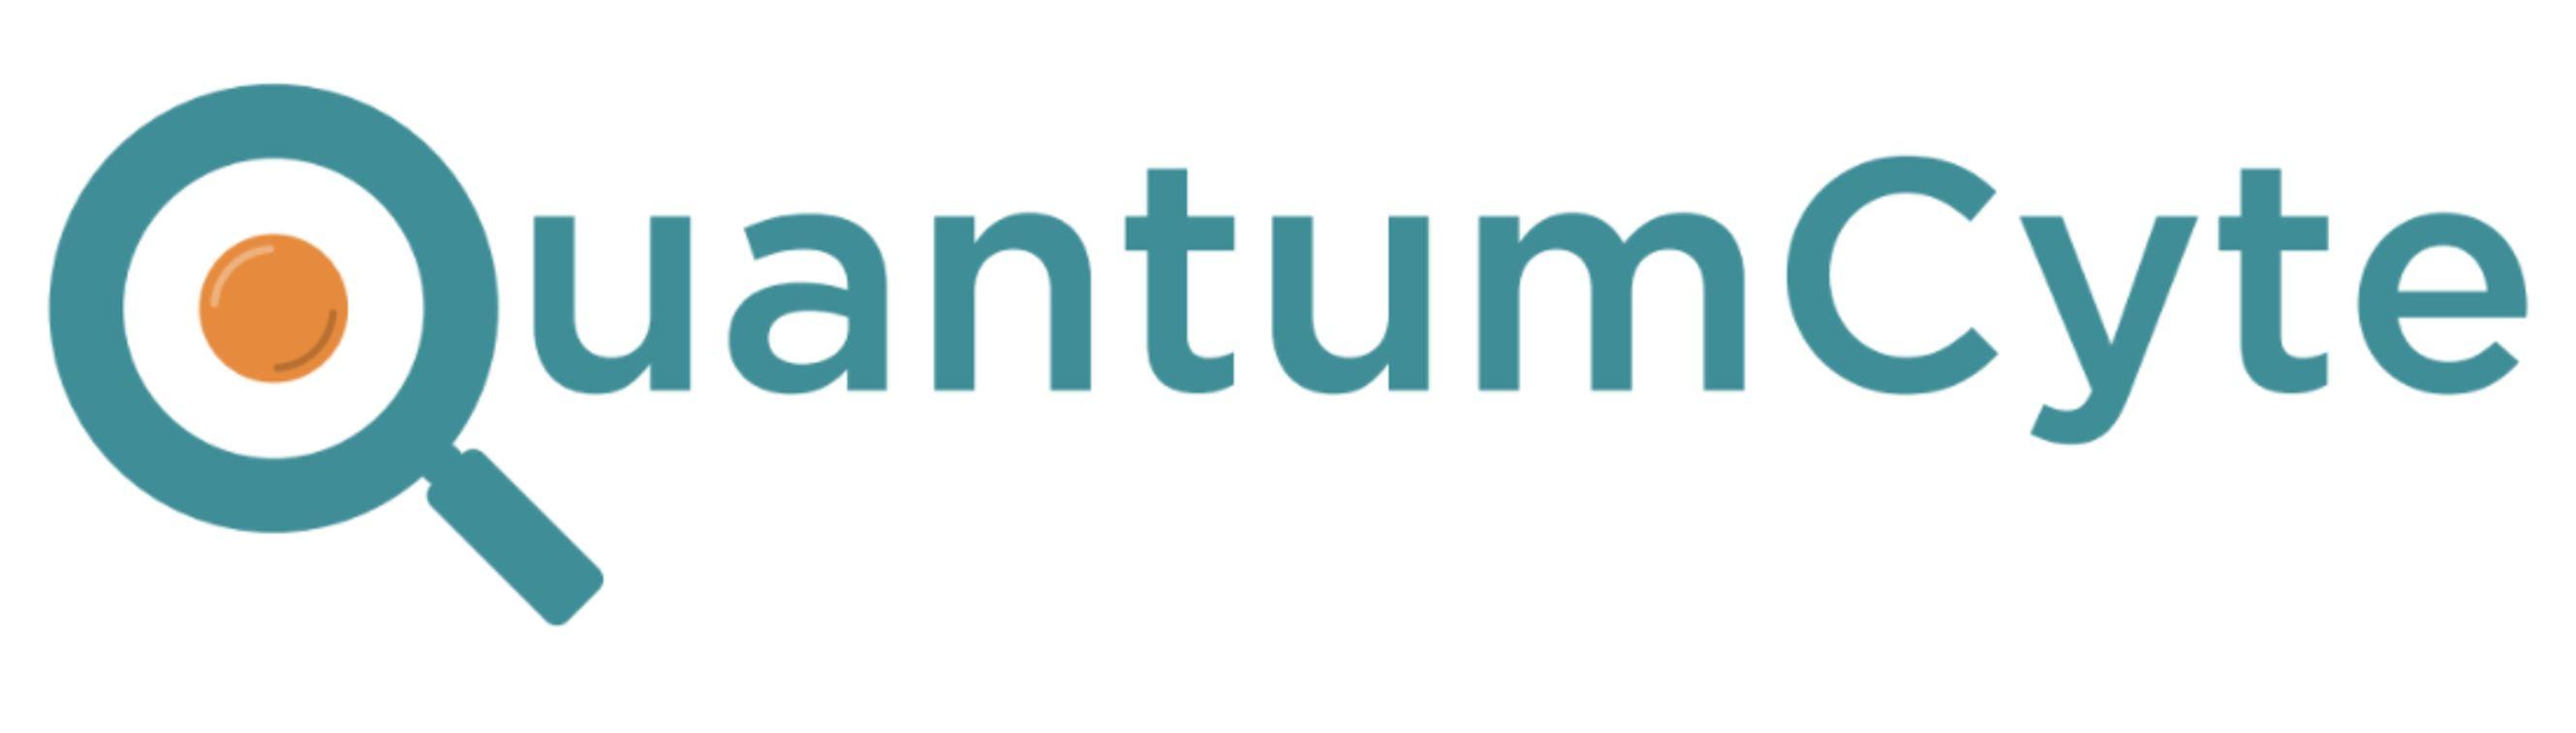 Qcyte_logo